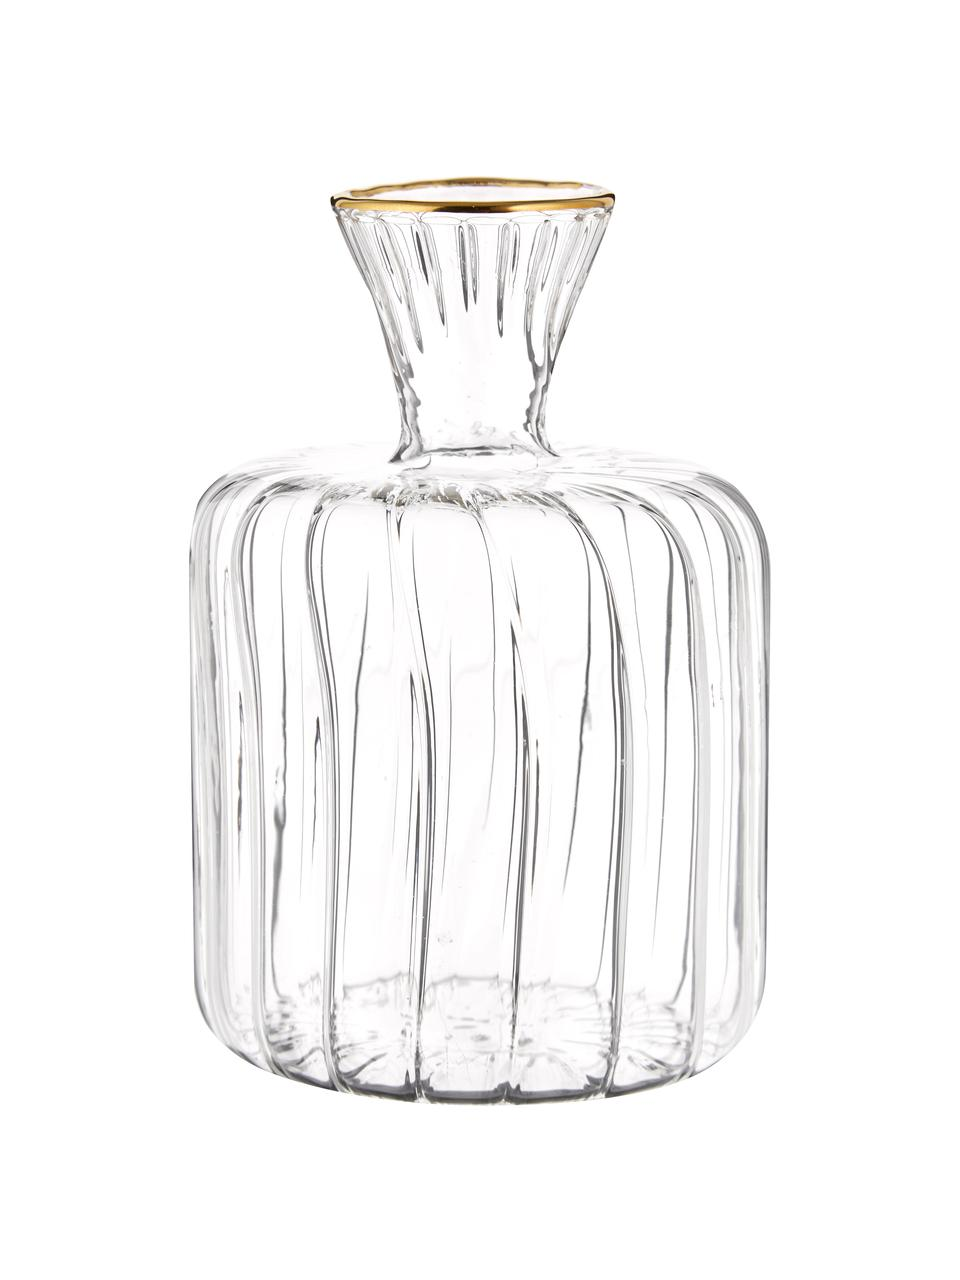 Mały wazon ze szkła Plinn, Szkło, Transparentny, odcienie złotego, Ø 7 x W 10 cm